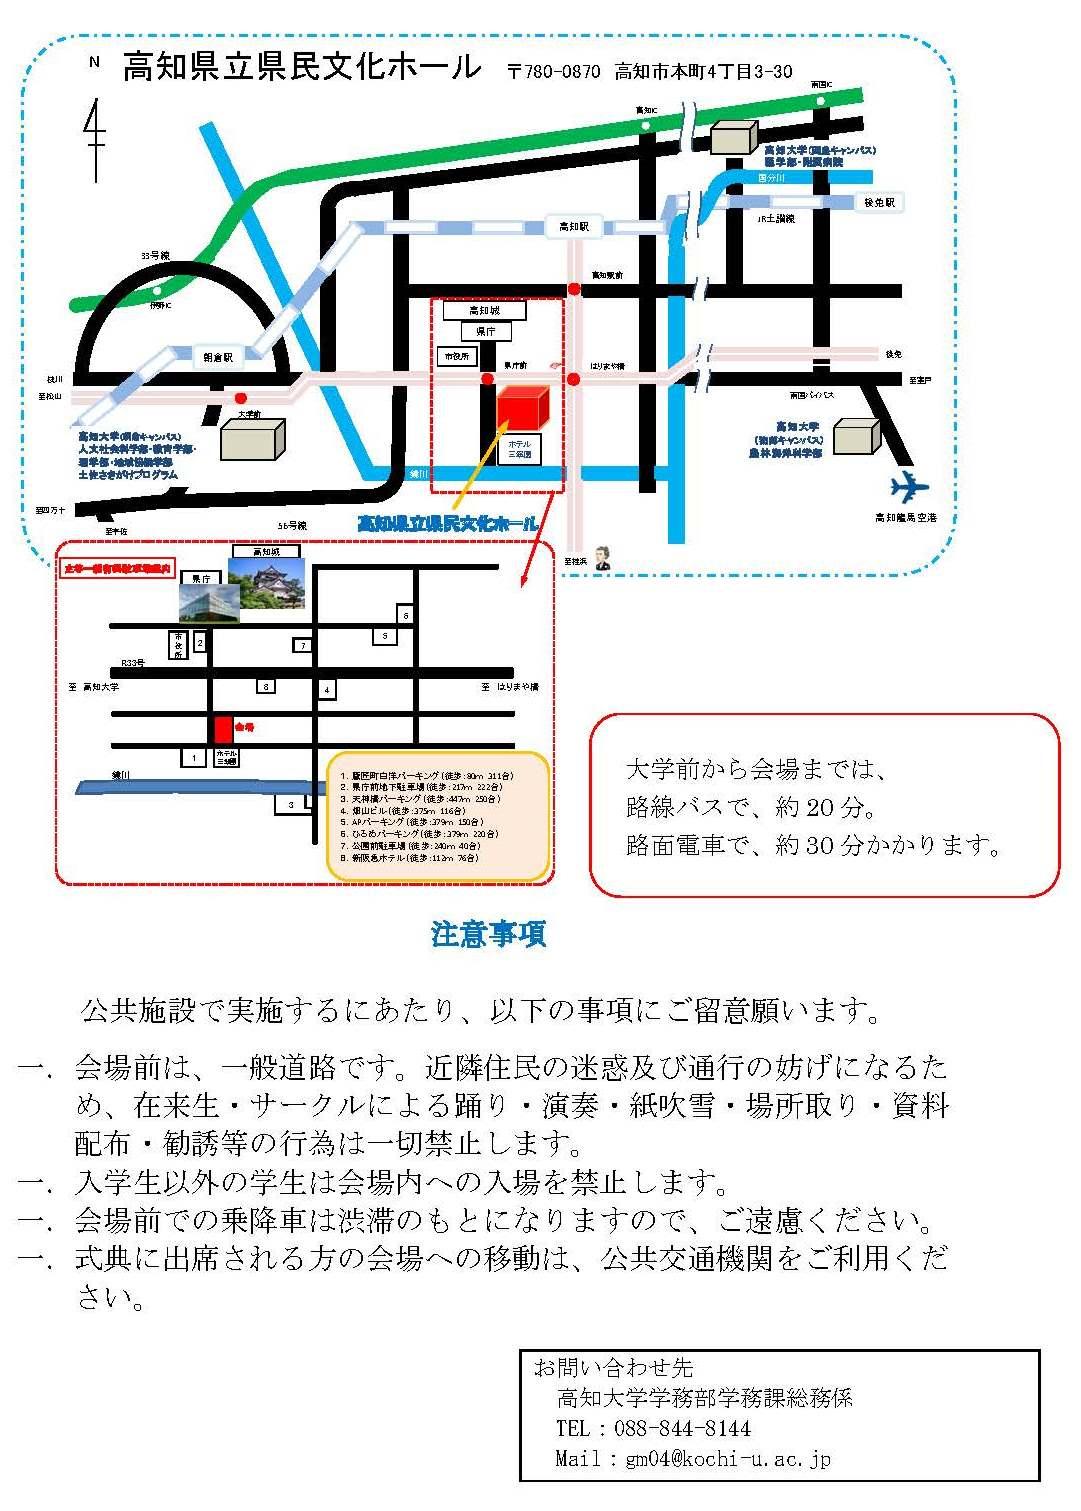 工科 ポータル 高知 大学